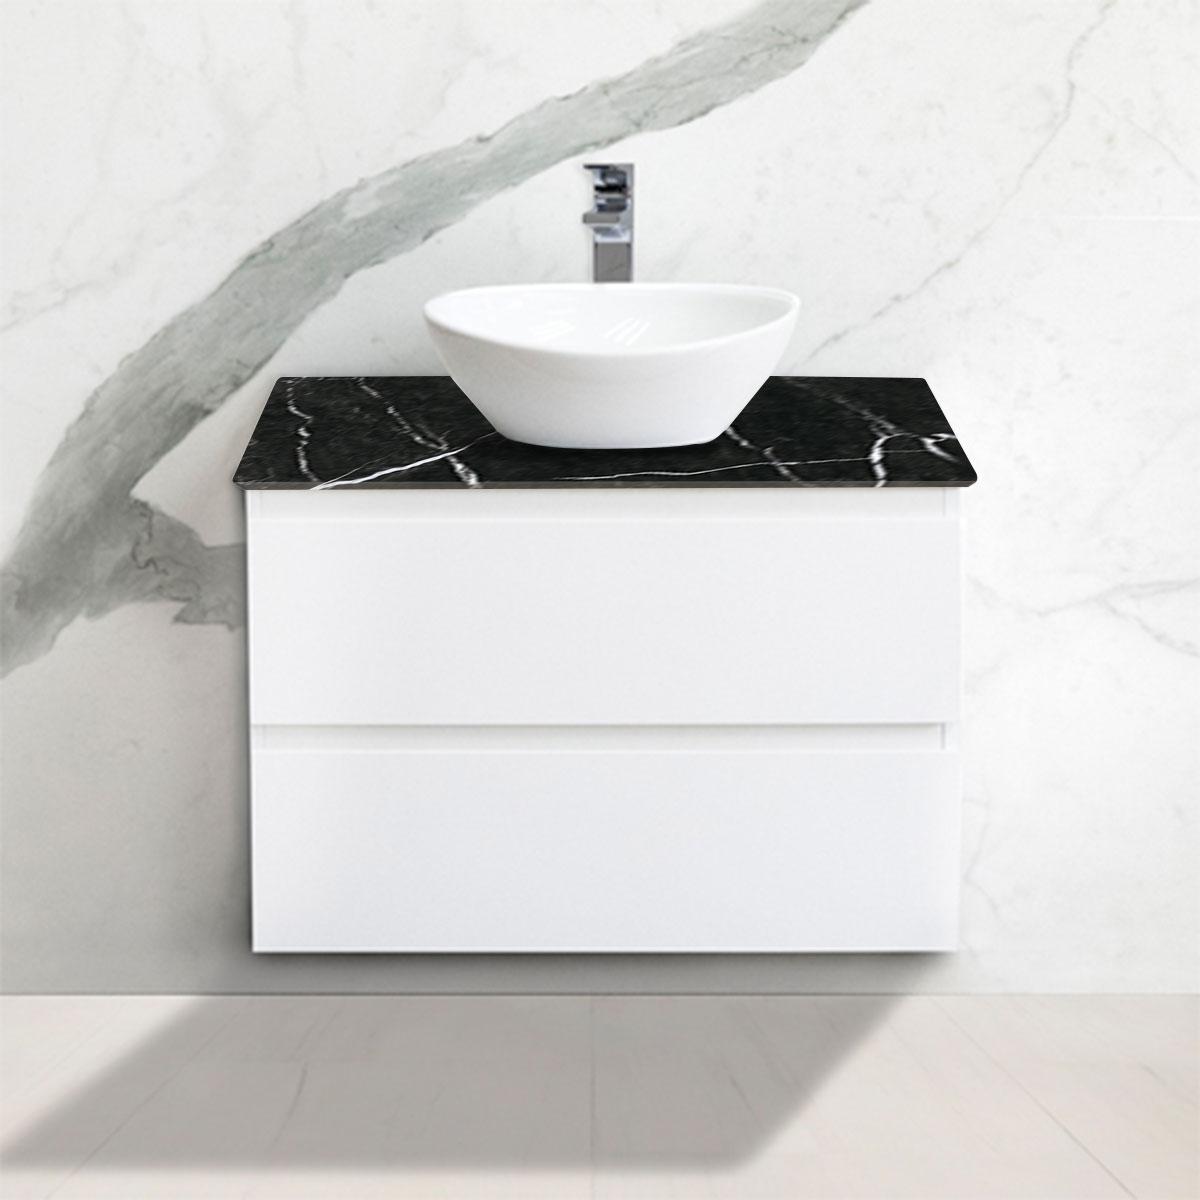 Cabinet - Vanity- 2 Drawers - Nero Marquina - Stone3 Brisbane